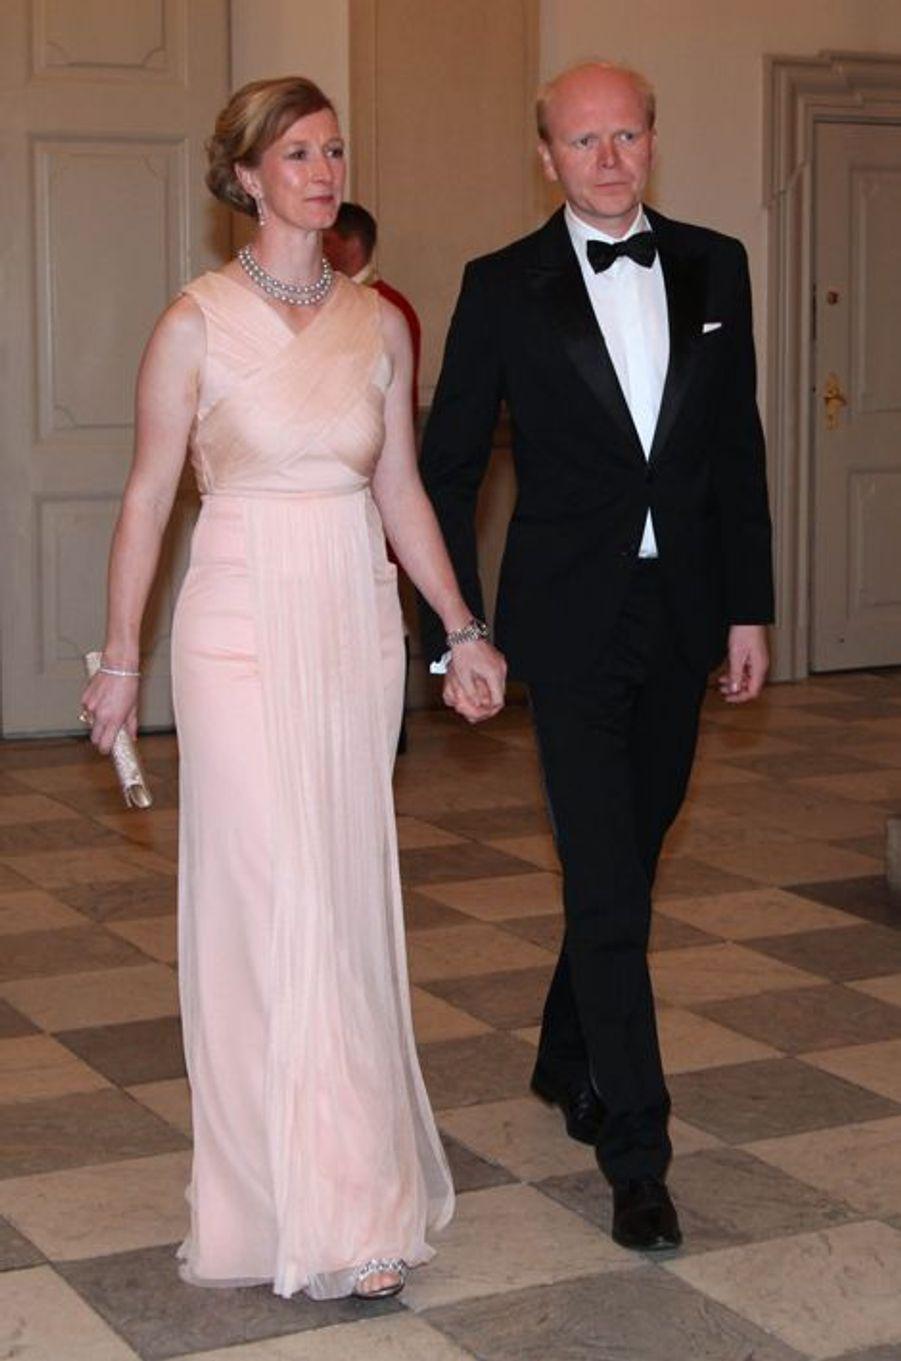 La princesse Natalie de Danemark et son mari au château de Christiansborg à Copenhague, le 15 mars 2016